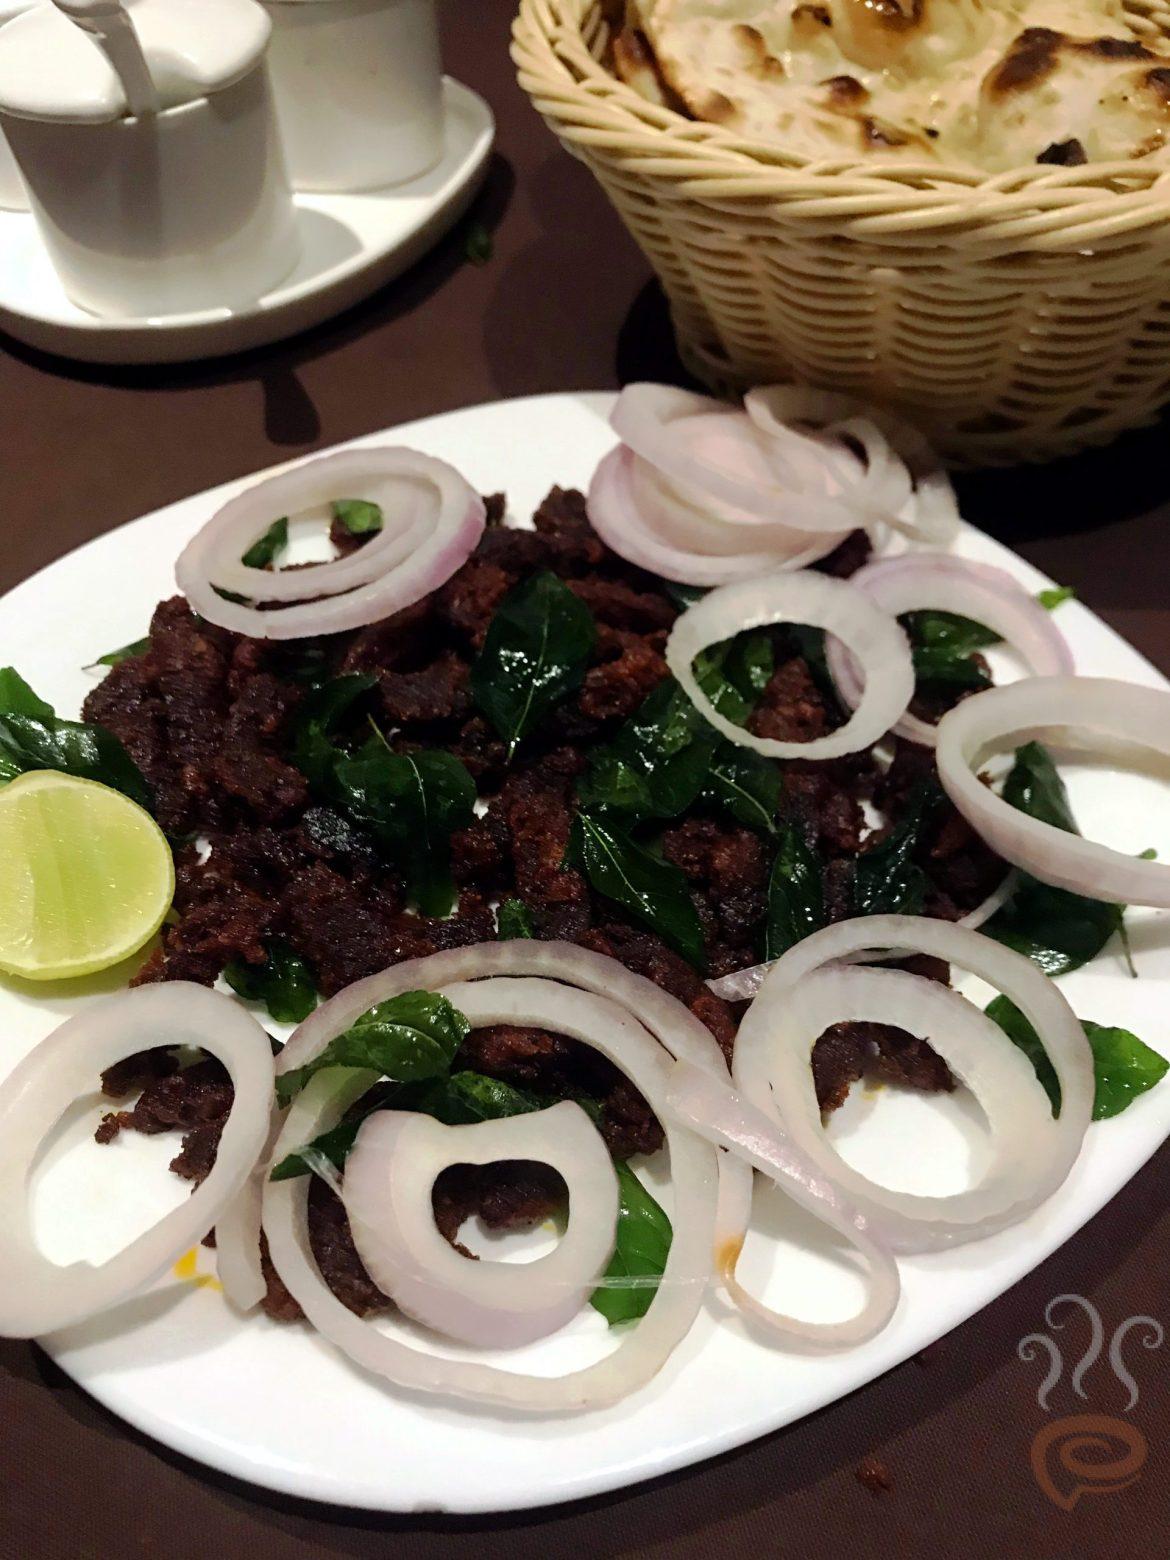 Kerala Beef Fry | Beef Fry Nadan Style